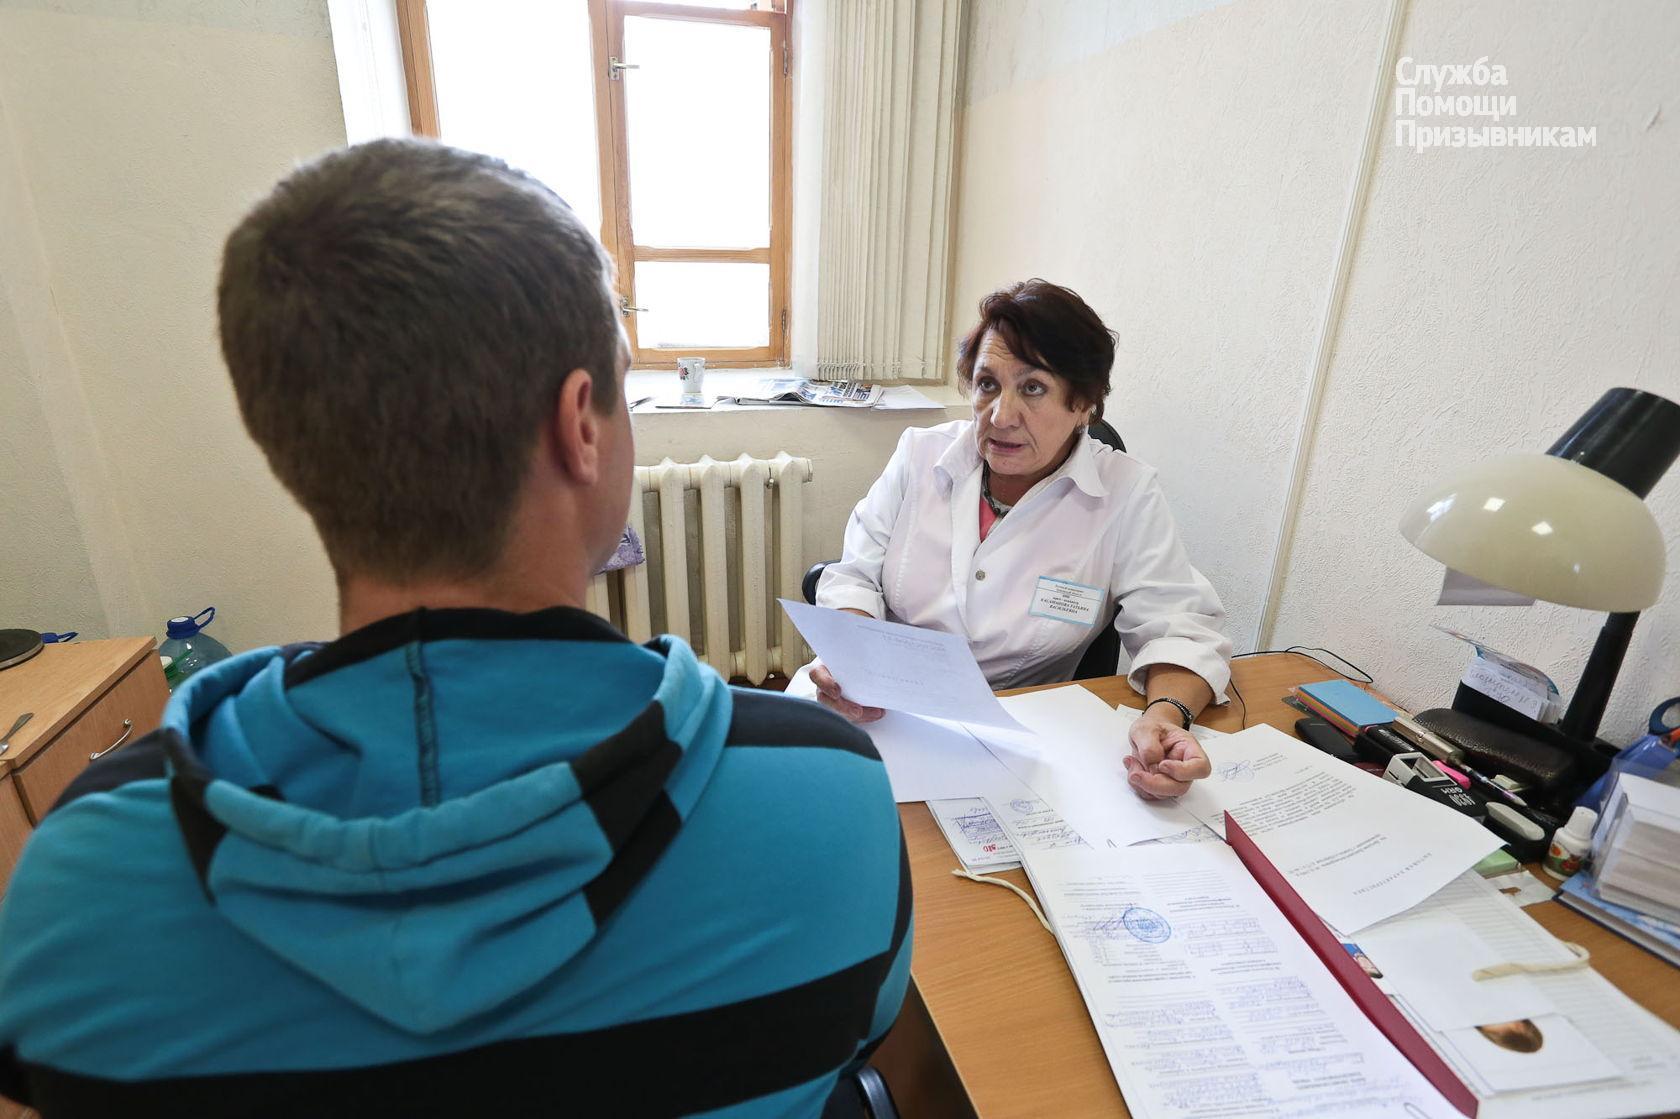 Контрольное медицинское освидетельствование